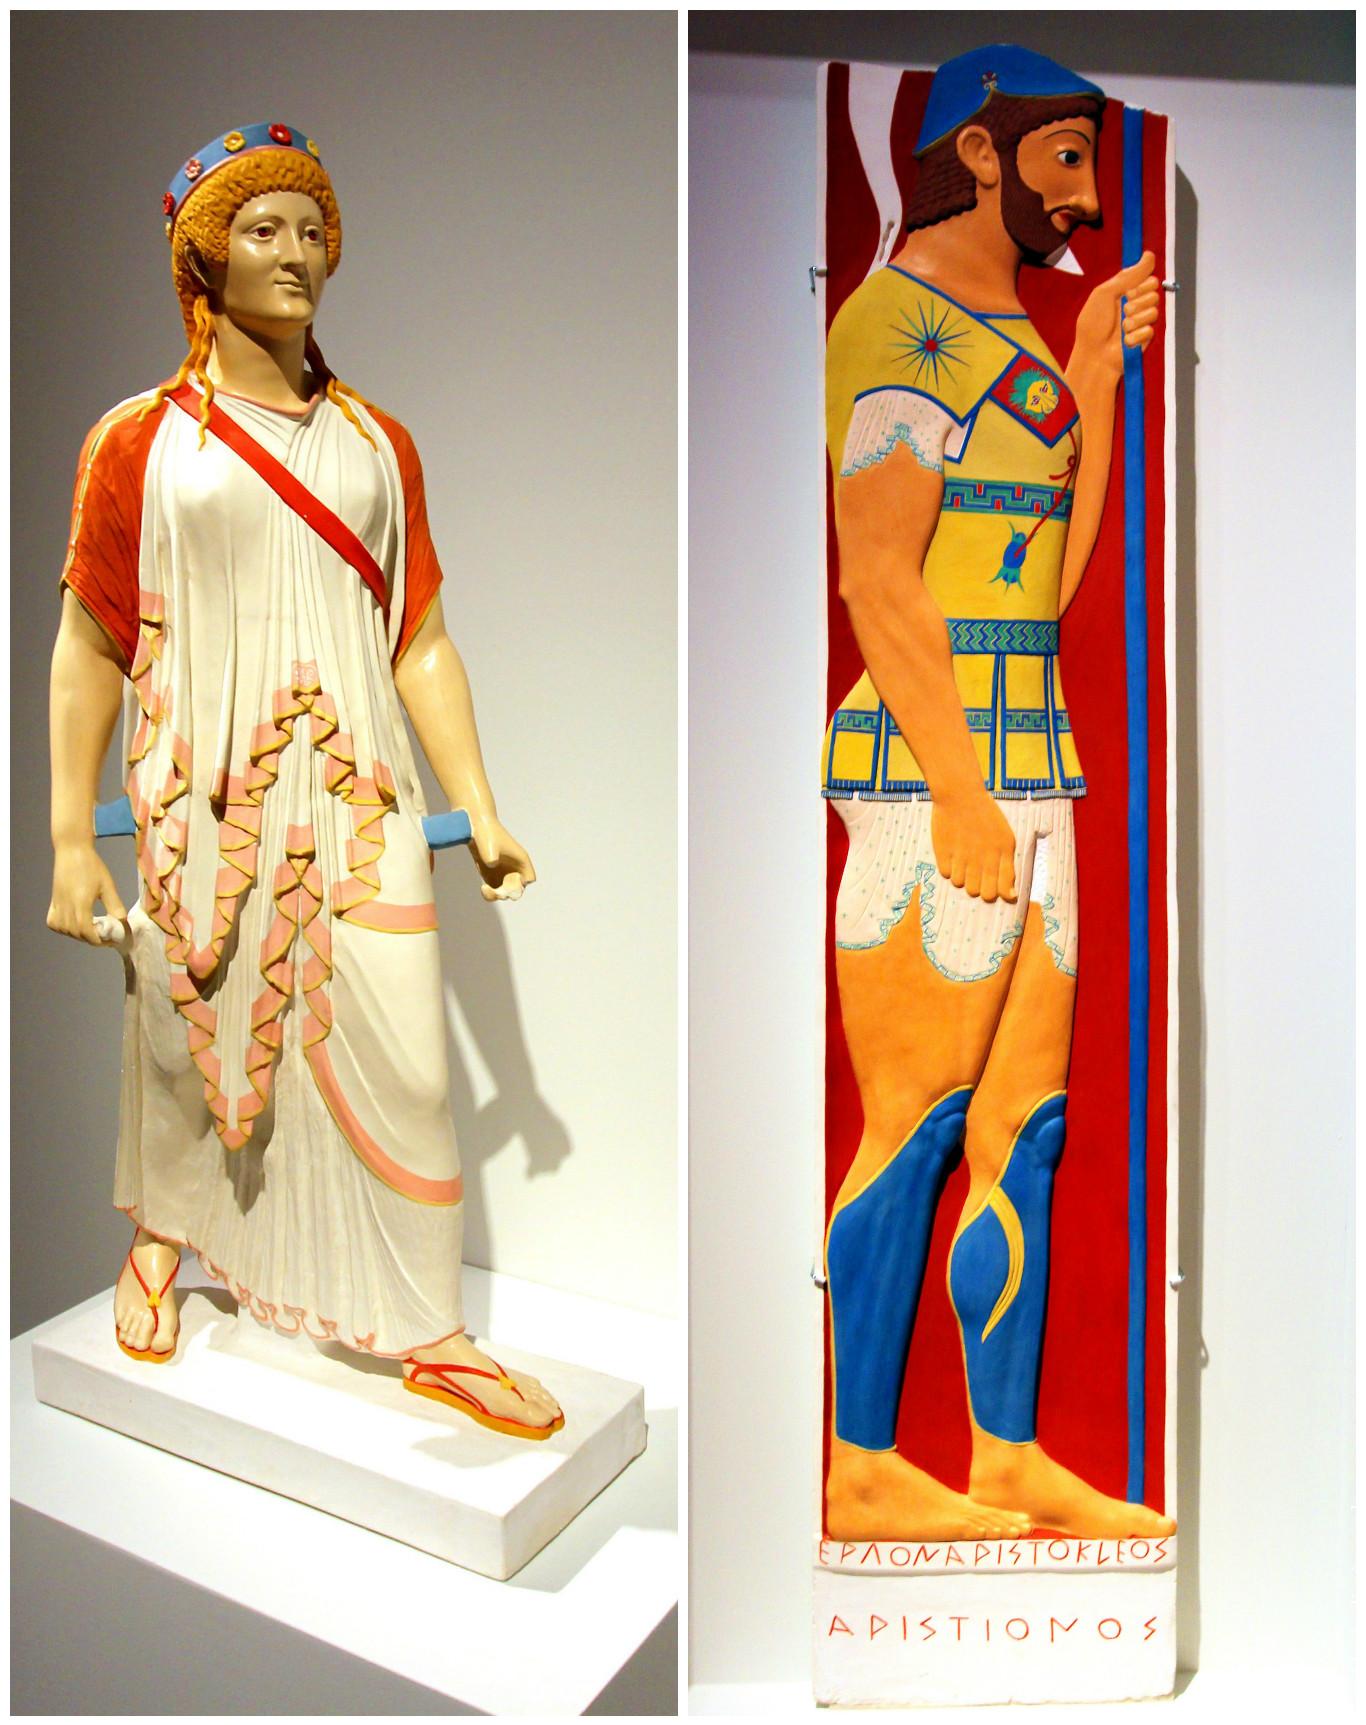 5 и 6. Артемис из Помпей и Надгробная стела Аристиона (мастер Аристокл, Национальный музей, Афины, около 510 г. до н.э.)